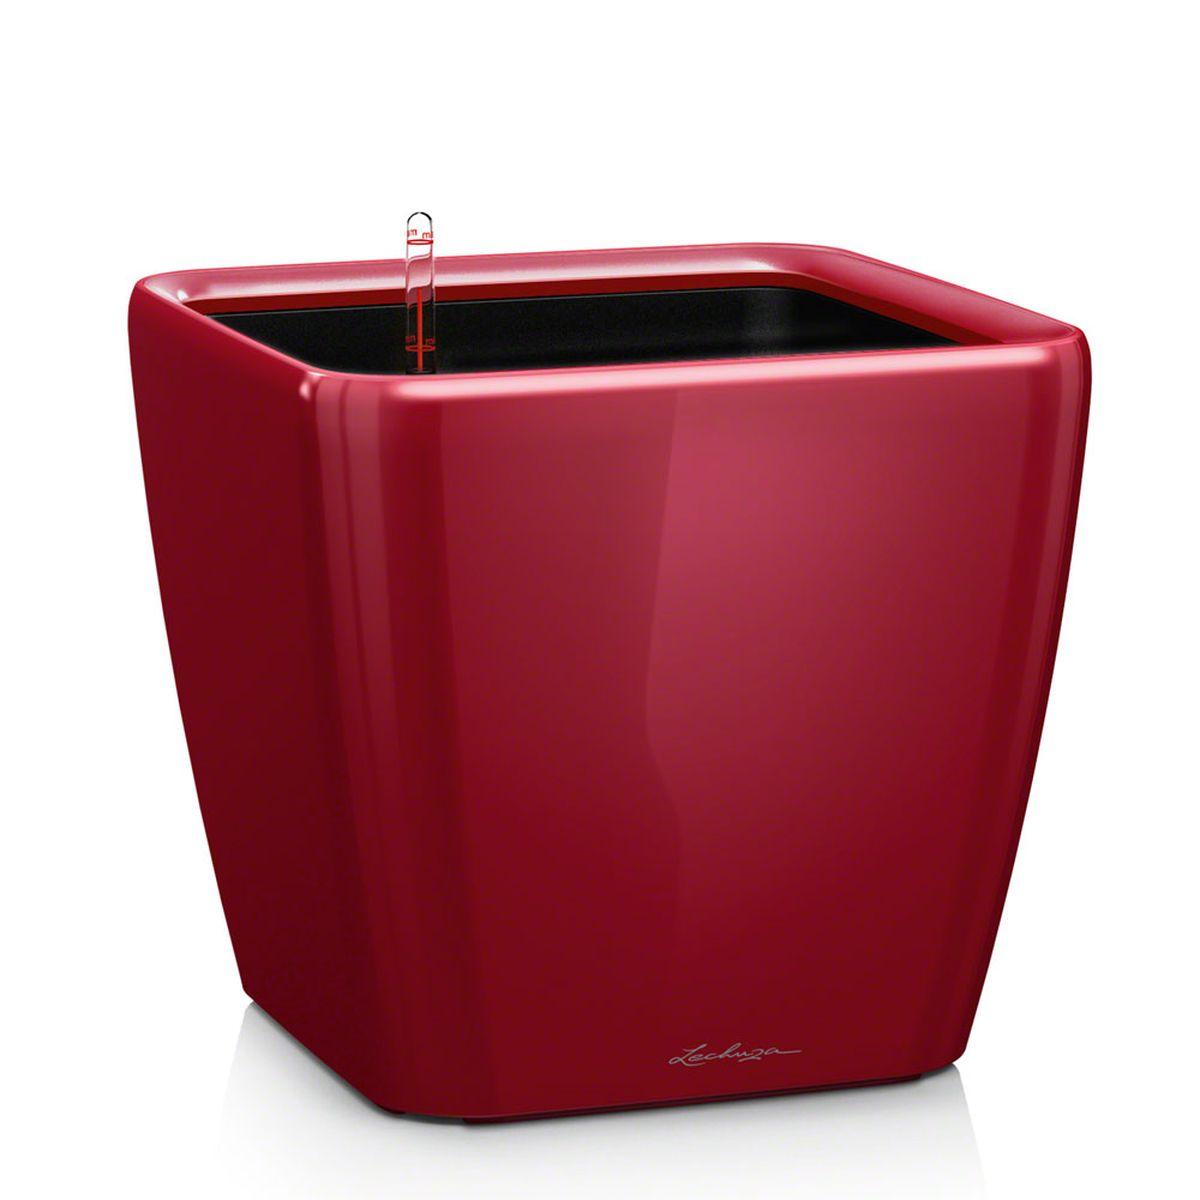 Кашпо Lechuza Quadro, с системой автополива, цвет: красный, 28 х 28 х 26 см16147Кашпо Lechuza Quadro, выполненное из высококачественного пластика, имеет уникальную систему автополива, благодаря которой корневая система растения непрерывно снабжается влагой из резервуара. Уровень воды в резервуаре контролируется с помощью специального индикатора. В зависимости от размера кашпо и растения воды хватает на 2-12 недель. Это способствует хорошему росту цветов и предотвращает переувлажнение.В набор входит: кашпо, внутренний горшок с выдвижной эргономичной ручкой, индикатор уровня воды, вал подачи воды, субстрат растений в качестве дренажного слоя, резервуар для воды.Кашпо Lechuza Quadro прекрасно впишется в любой интерьер. Оно поможет расставить нужные акценты, а также придаст помещению вид, соответствующий вашим представлениям.